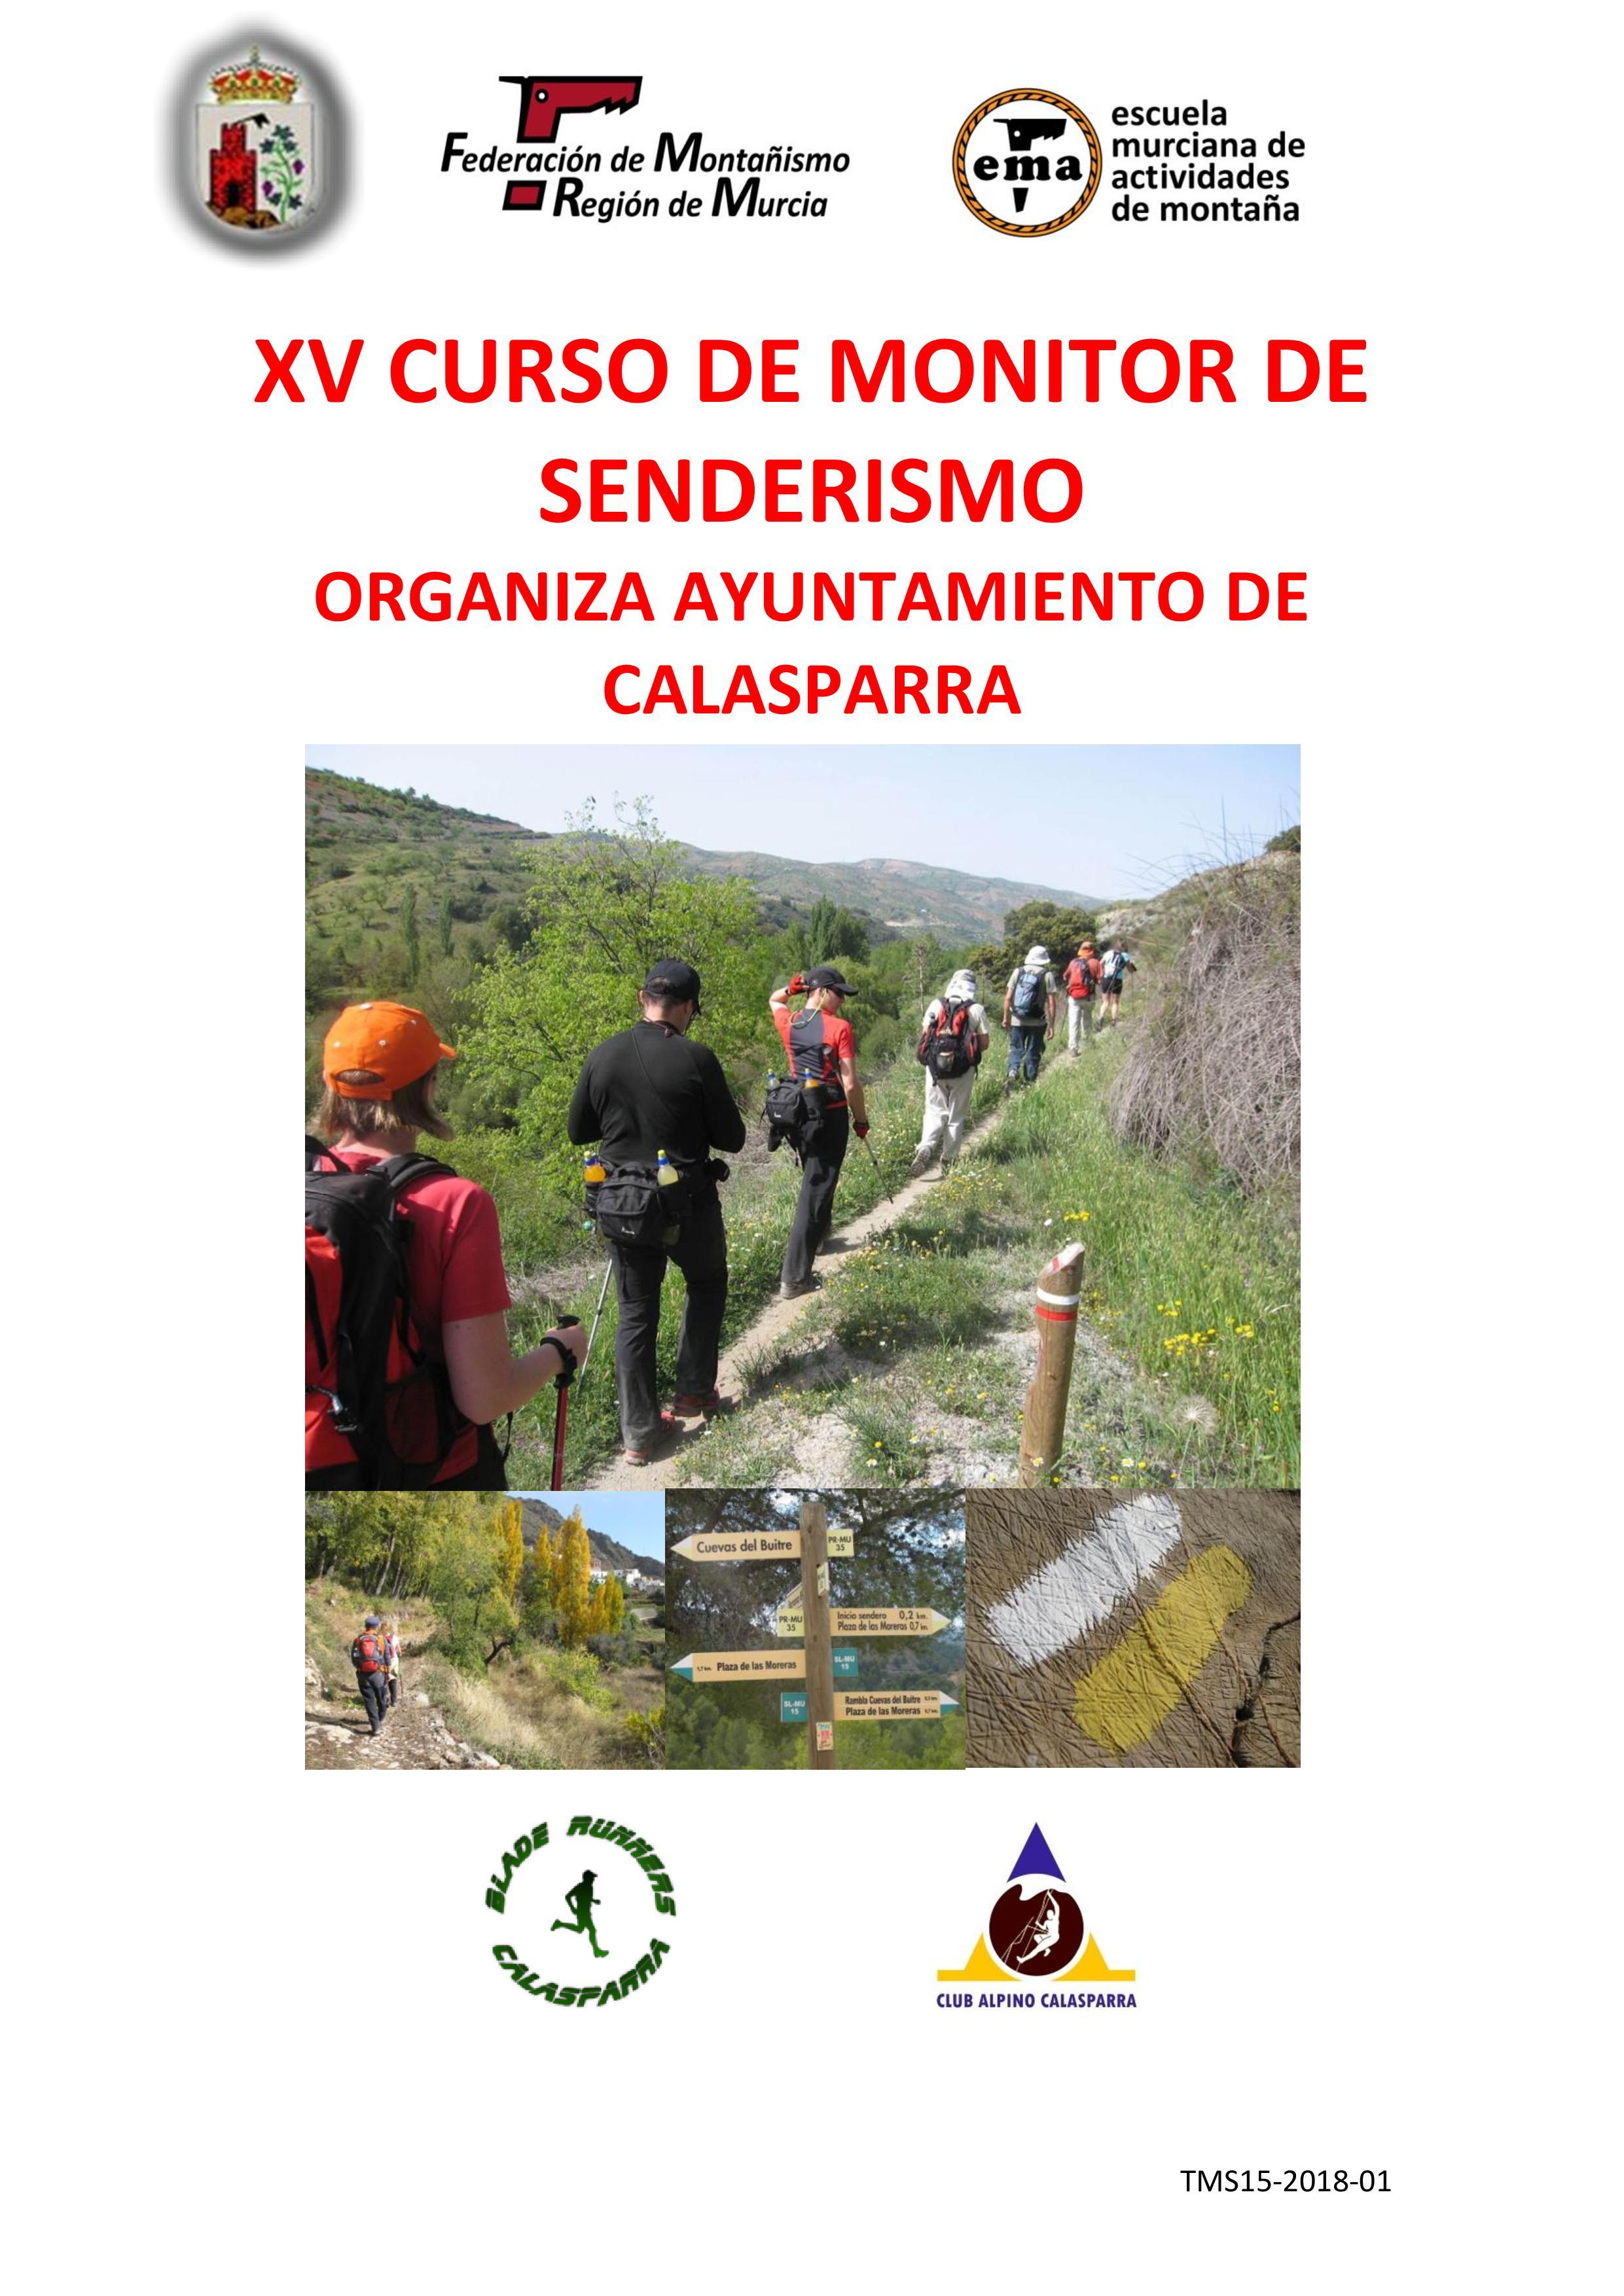 XV Curso De Monitor De Senderismo